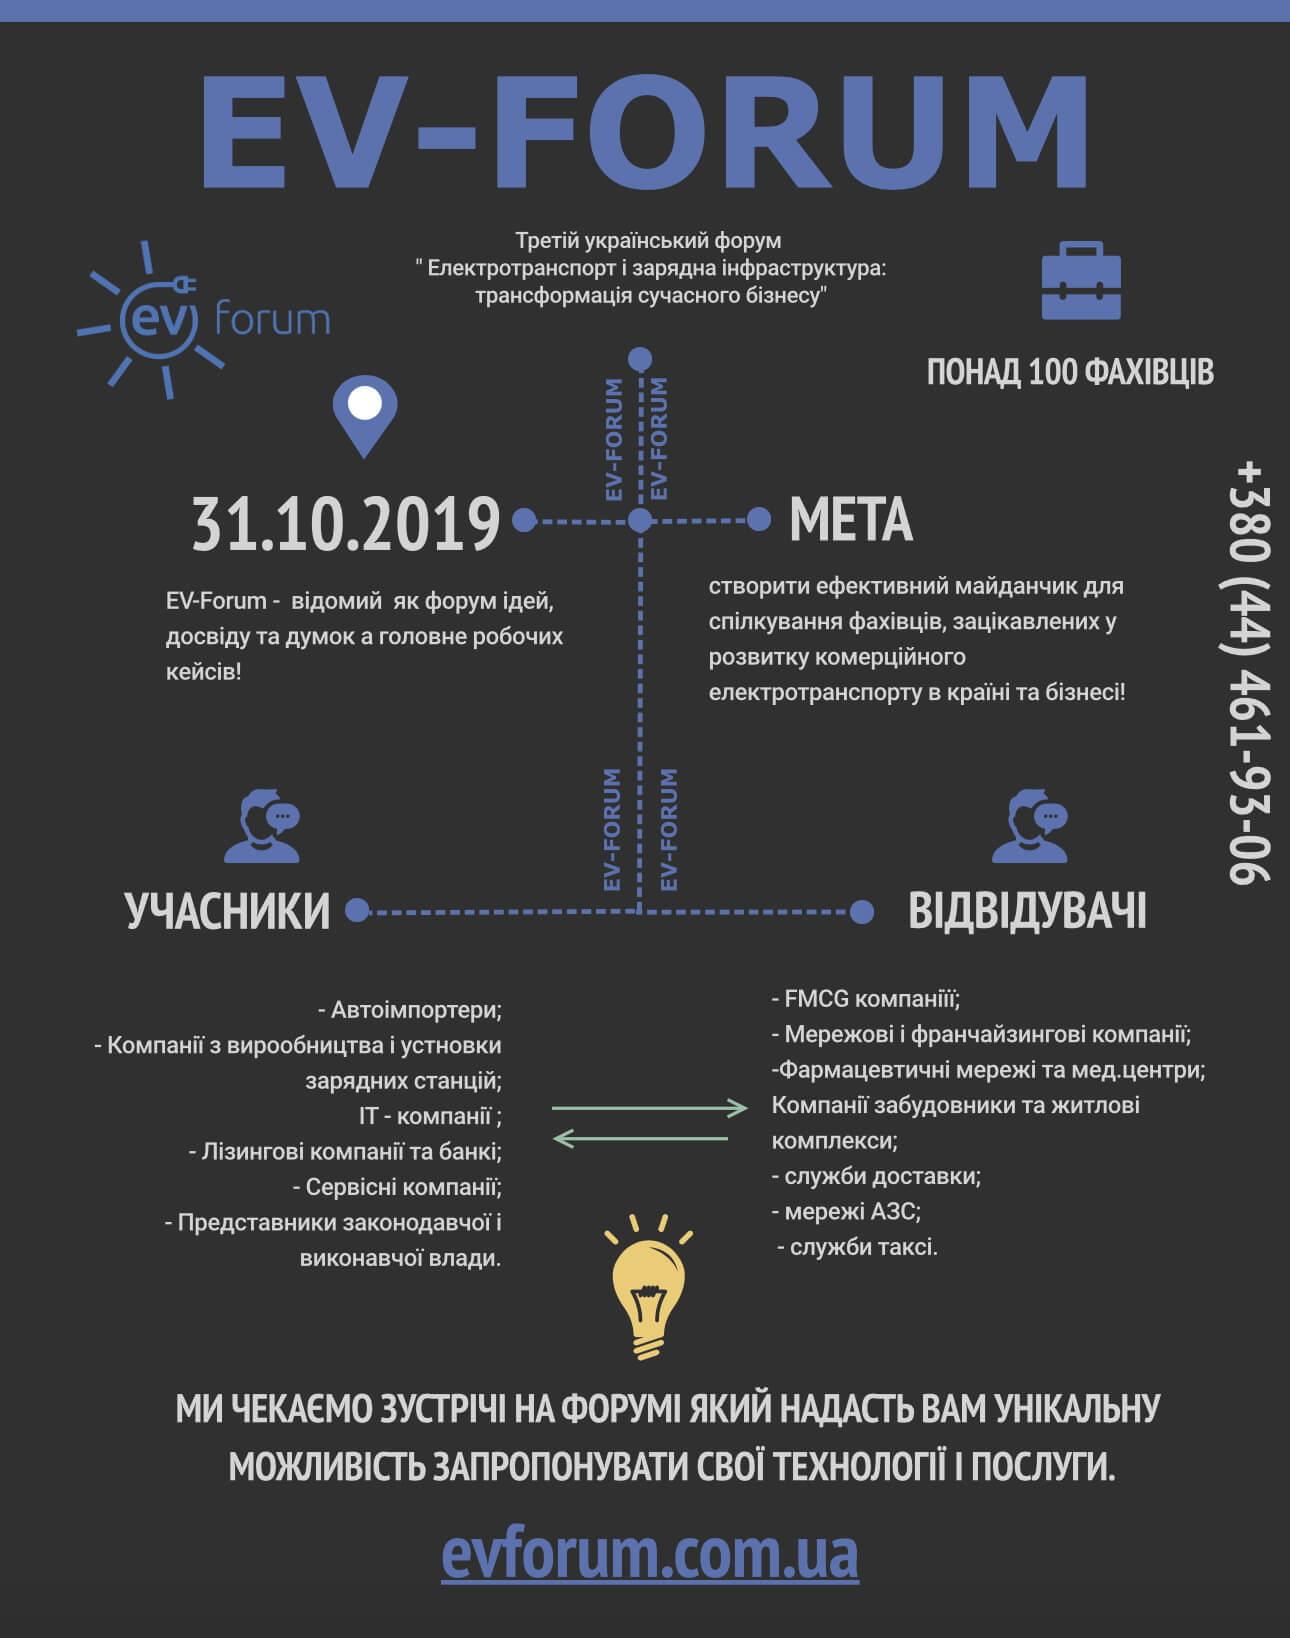 Что интересного предложит Третий украинский EV-Forum 2019?